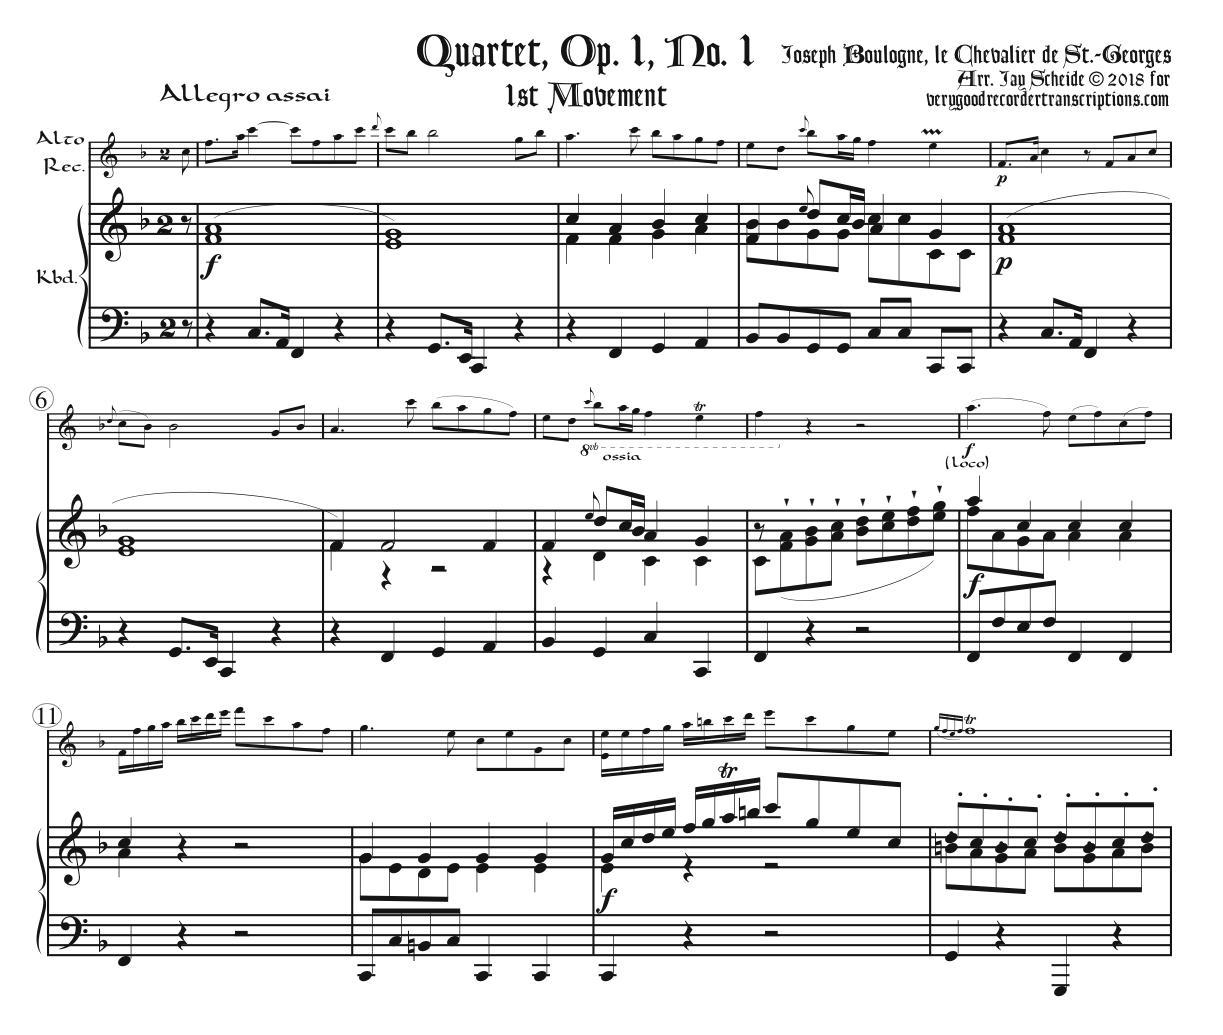 Quartet, Op. 1, No. 1